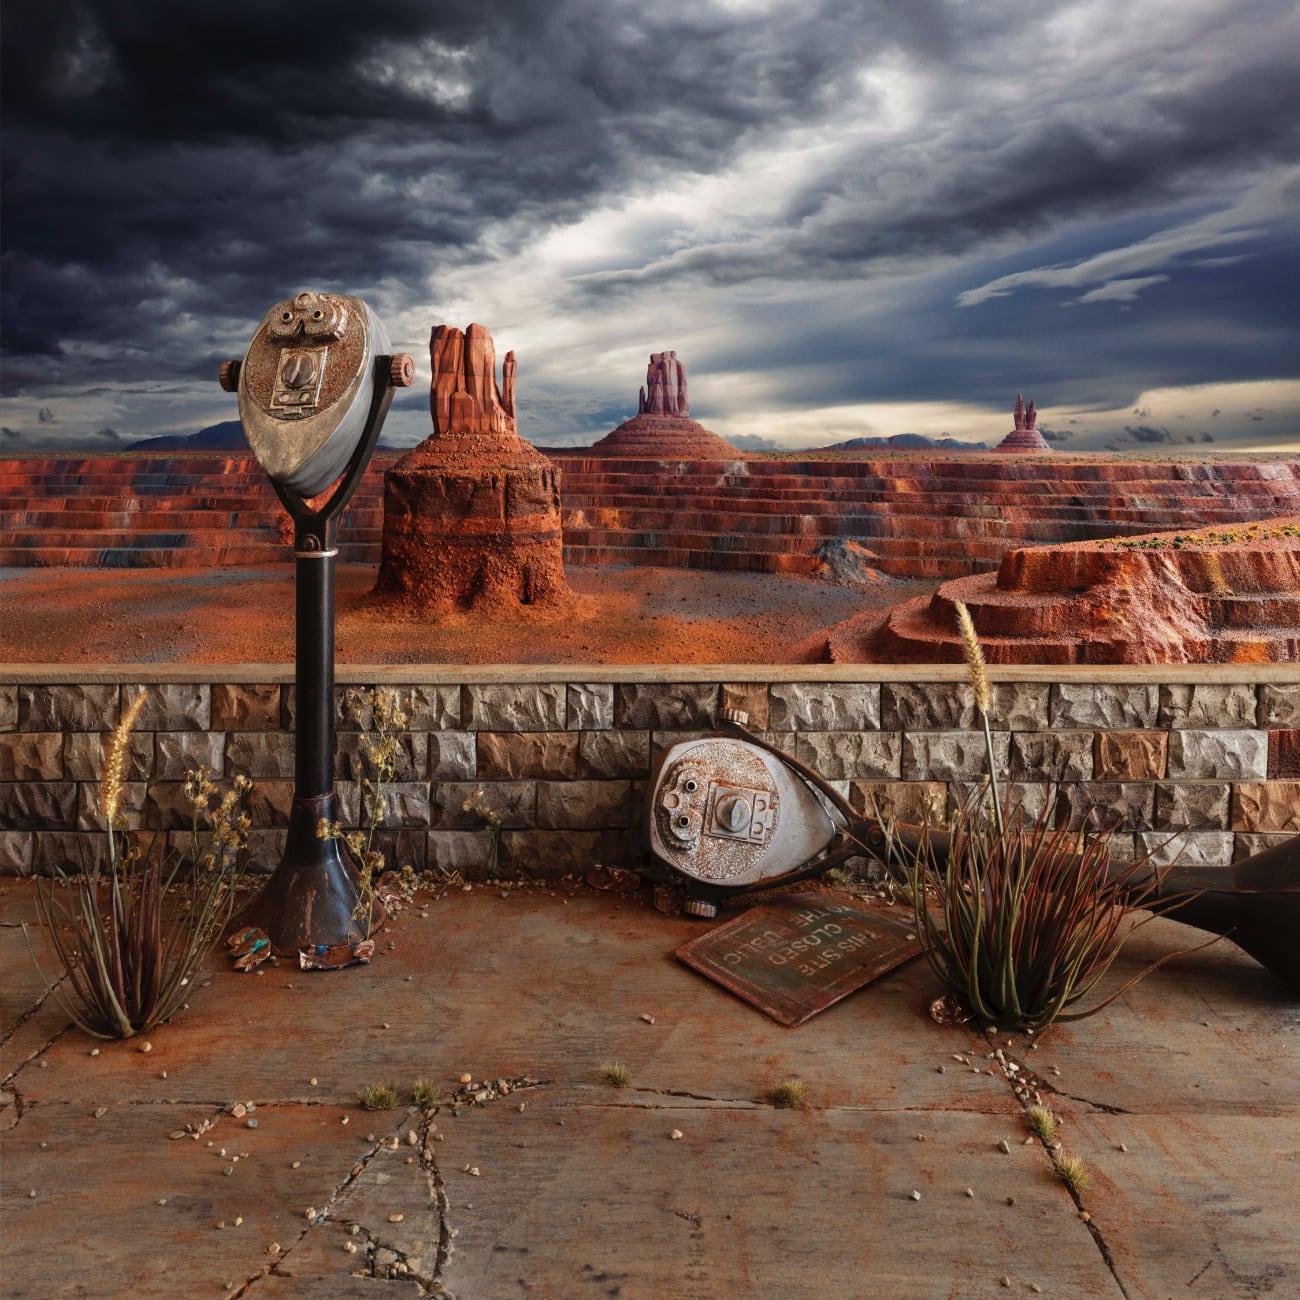 Fall Monument - fotograaf Lori Nix